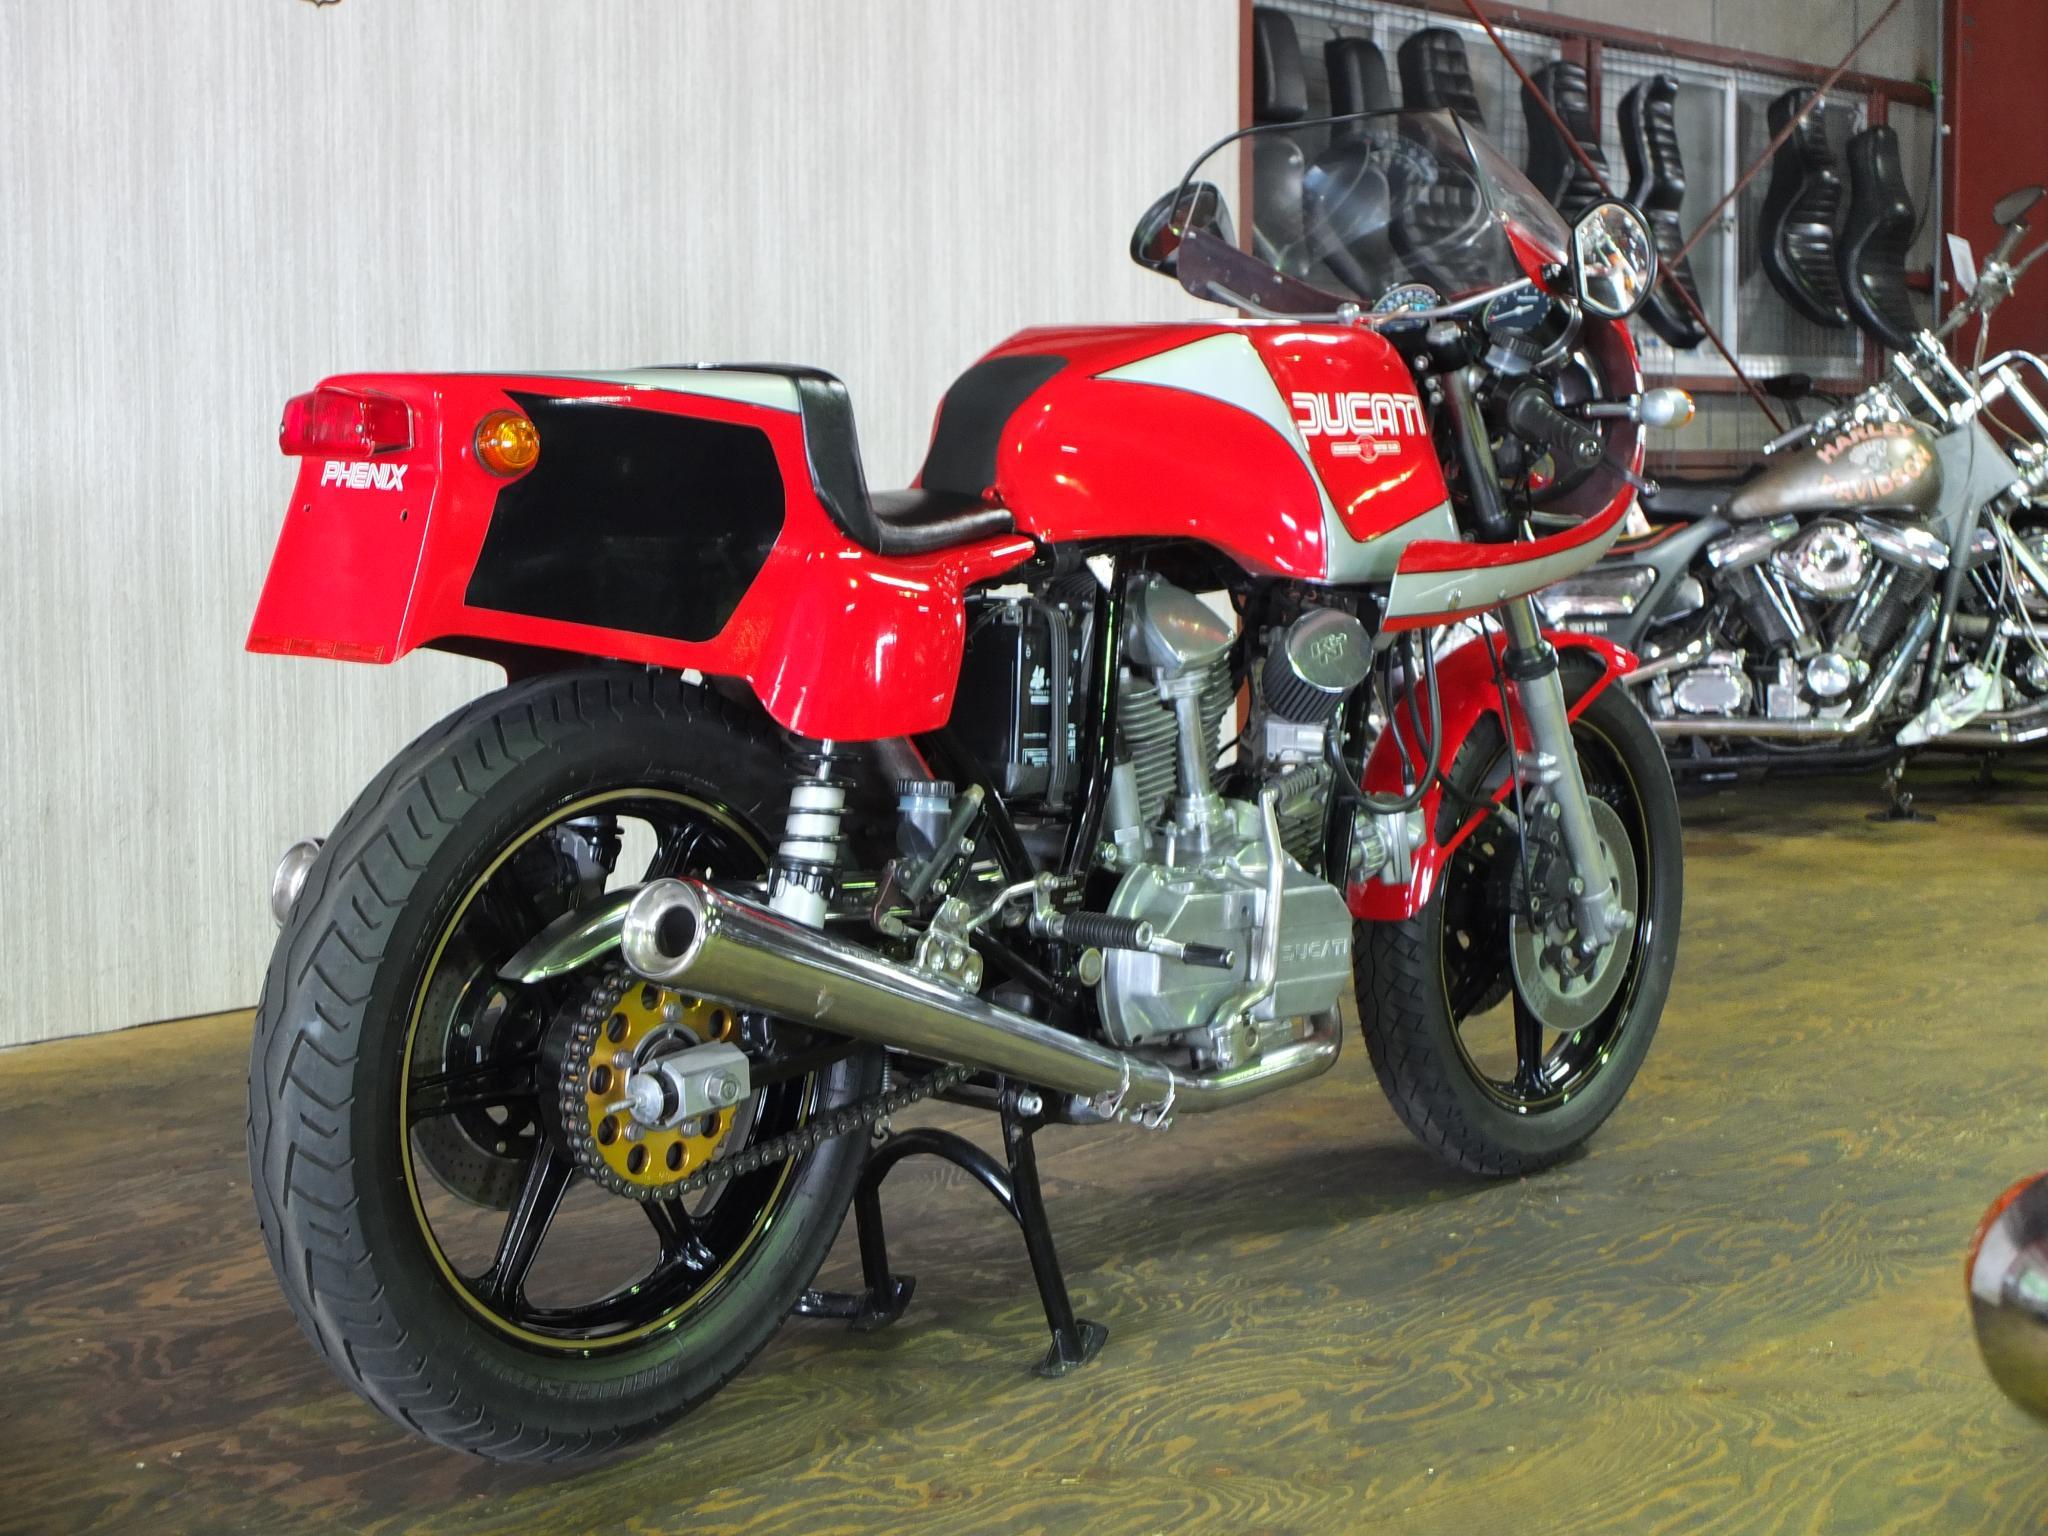 ドゥカティ 1983 Ducati MHR 900 車体写真3